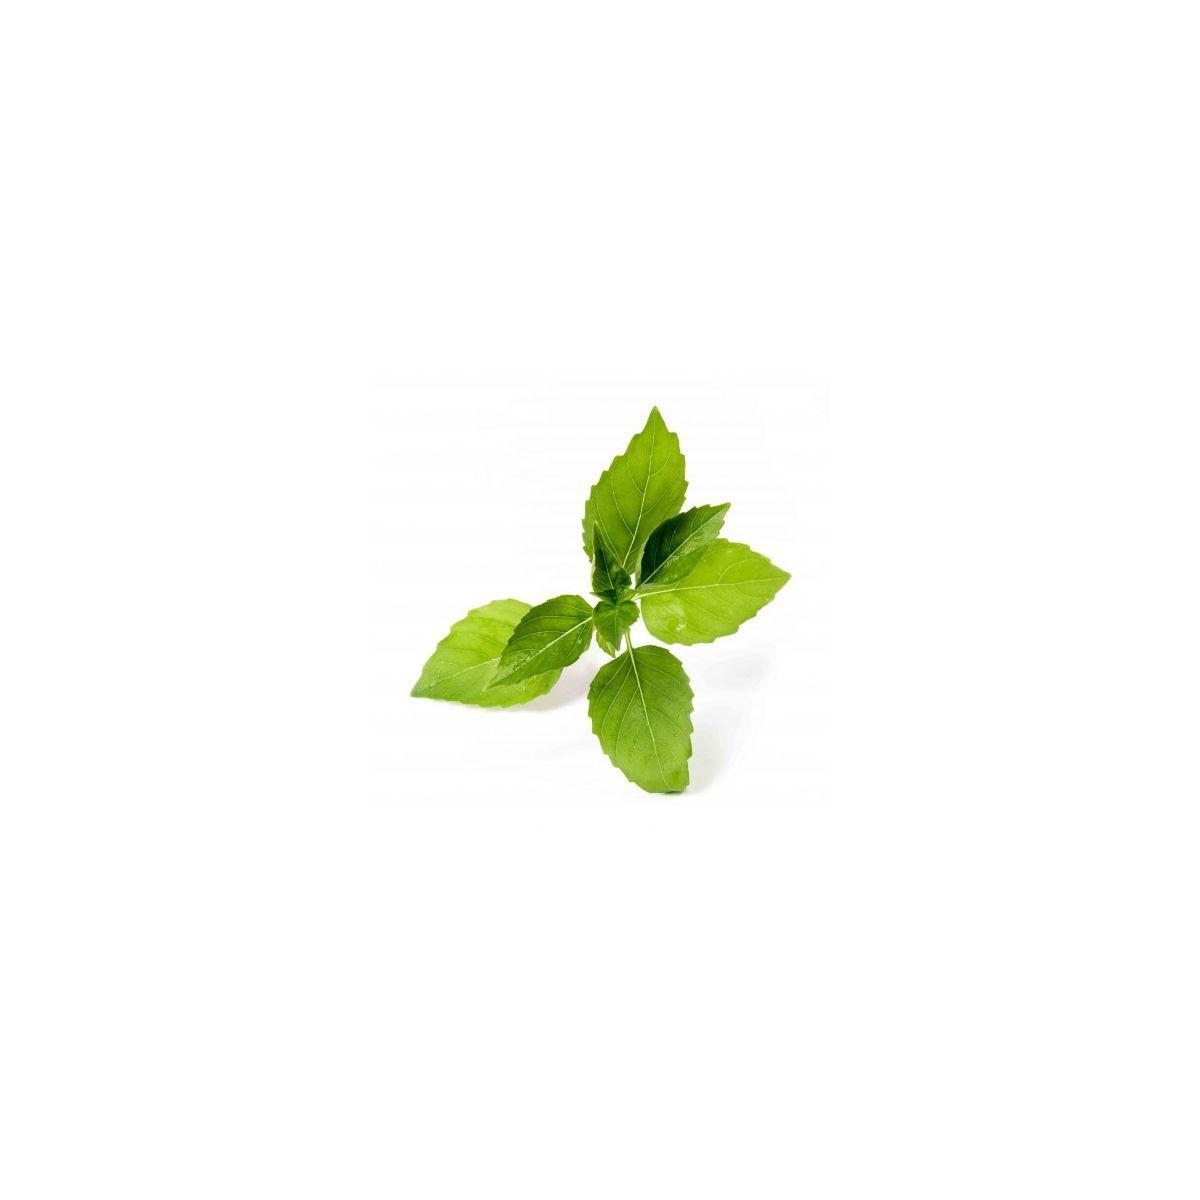 Recharge jardin int�rieur veritable basilic citron bio - 10% de remise imm�diate avec le code : deal10 (photo)